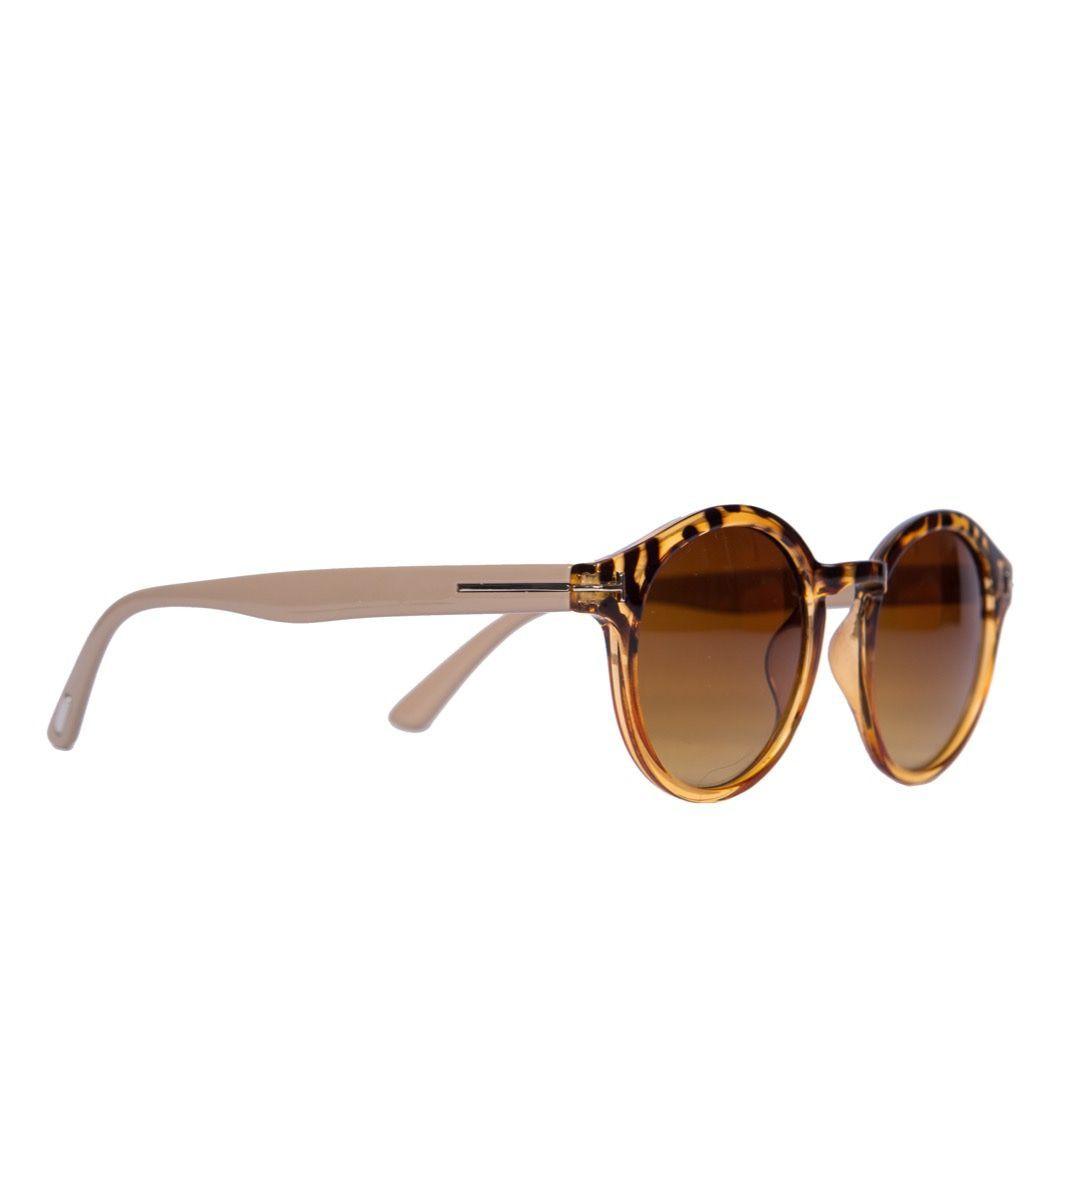 Powder Erin Sunglasses in Tortoiseshell and Latte